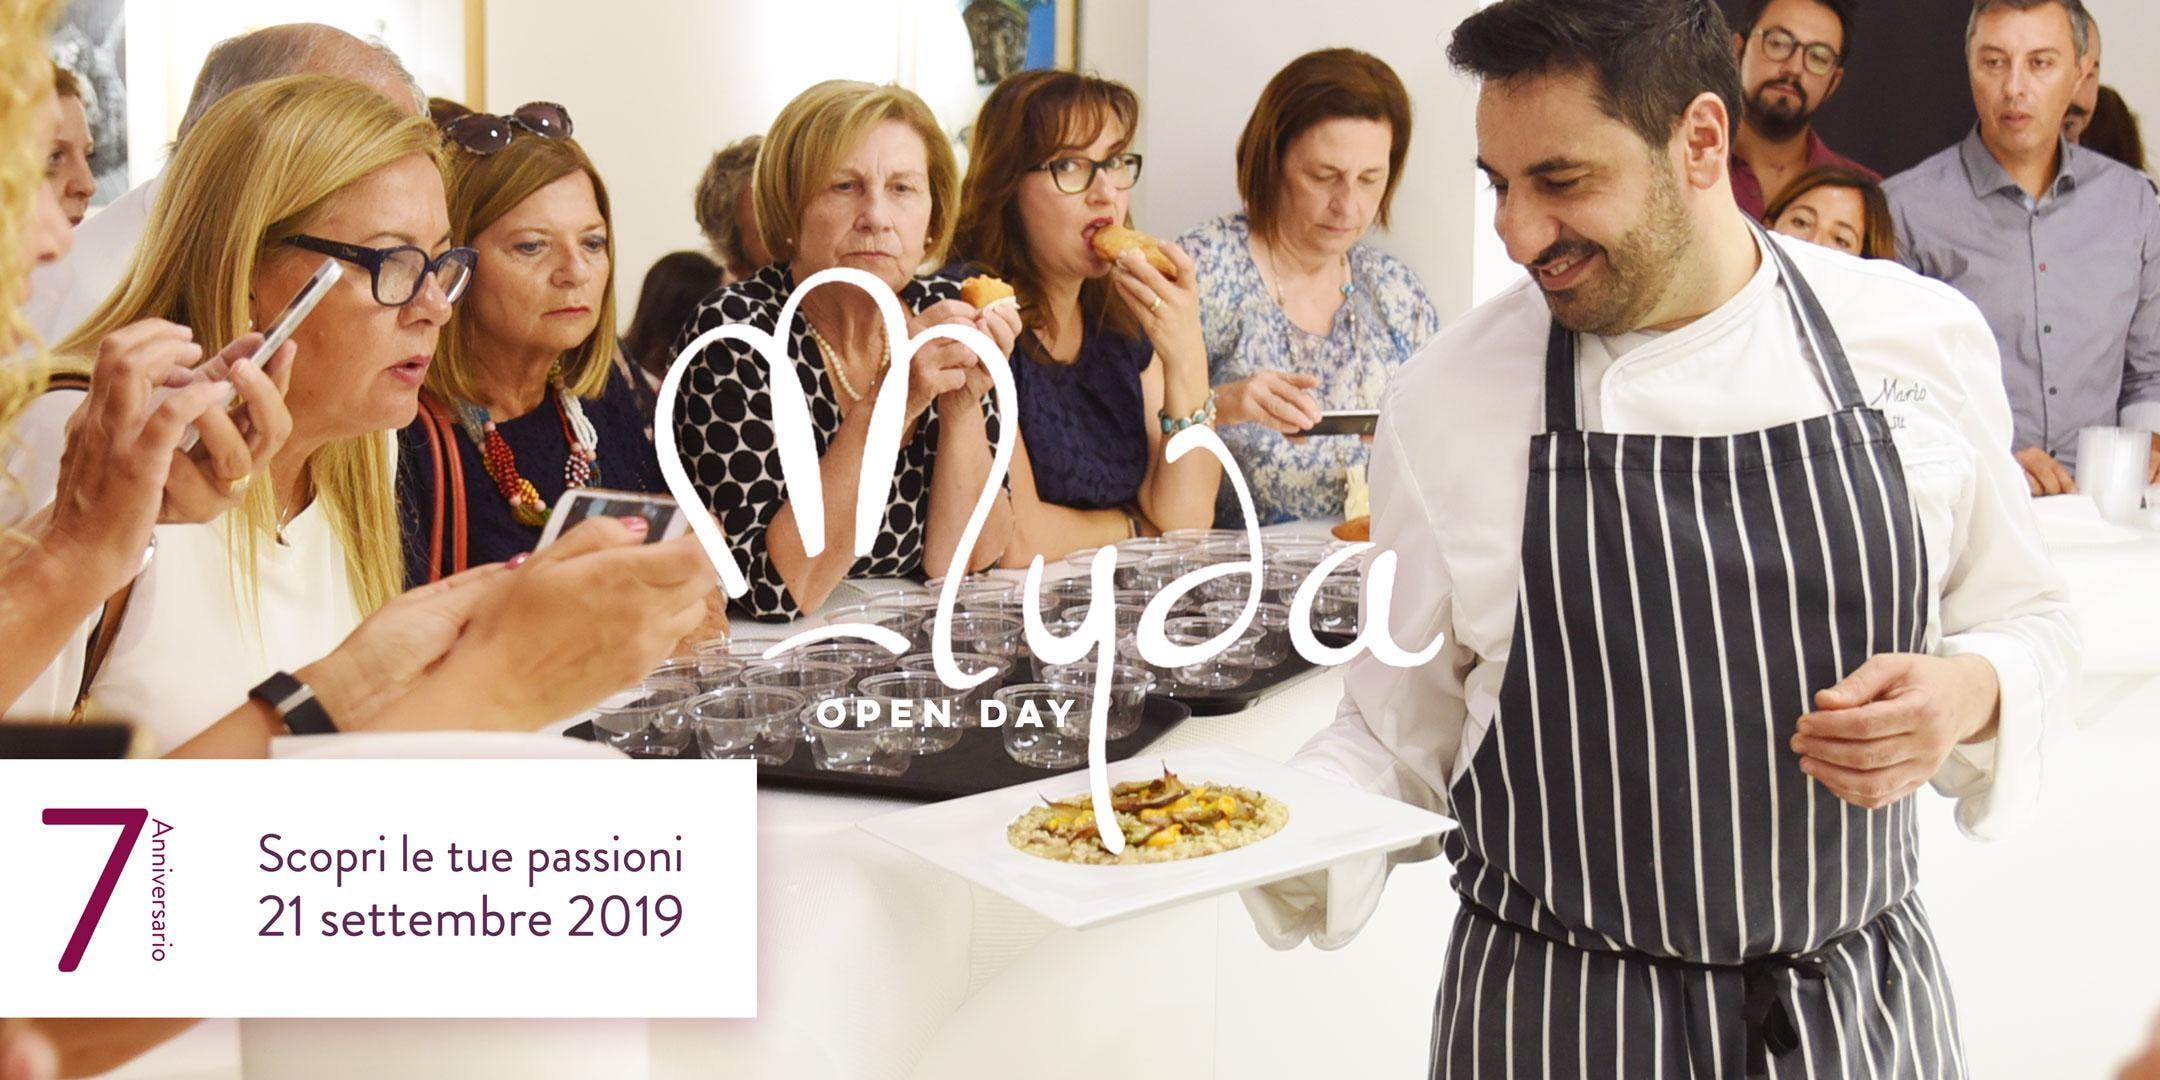 MYDA OPEN DAY 2019 - 7° ANNIVERSARIO. Cooking Into The Arena.